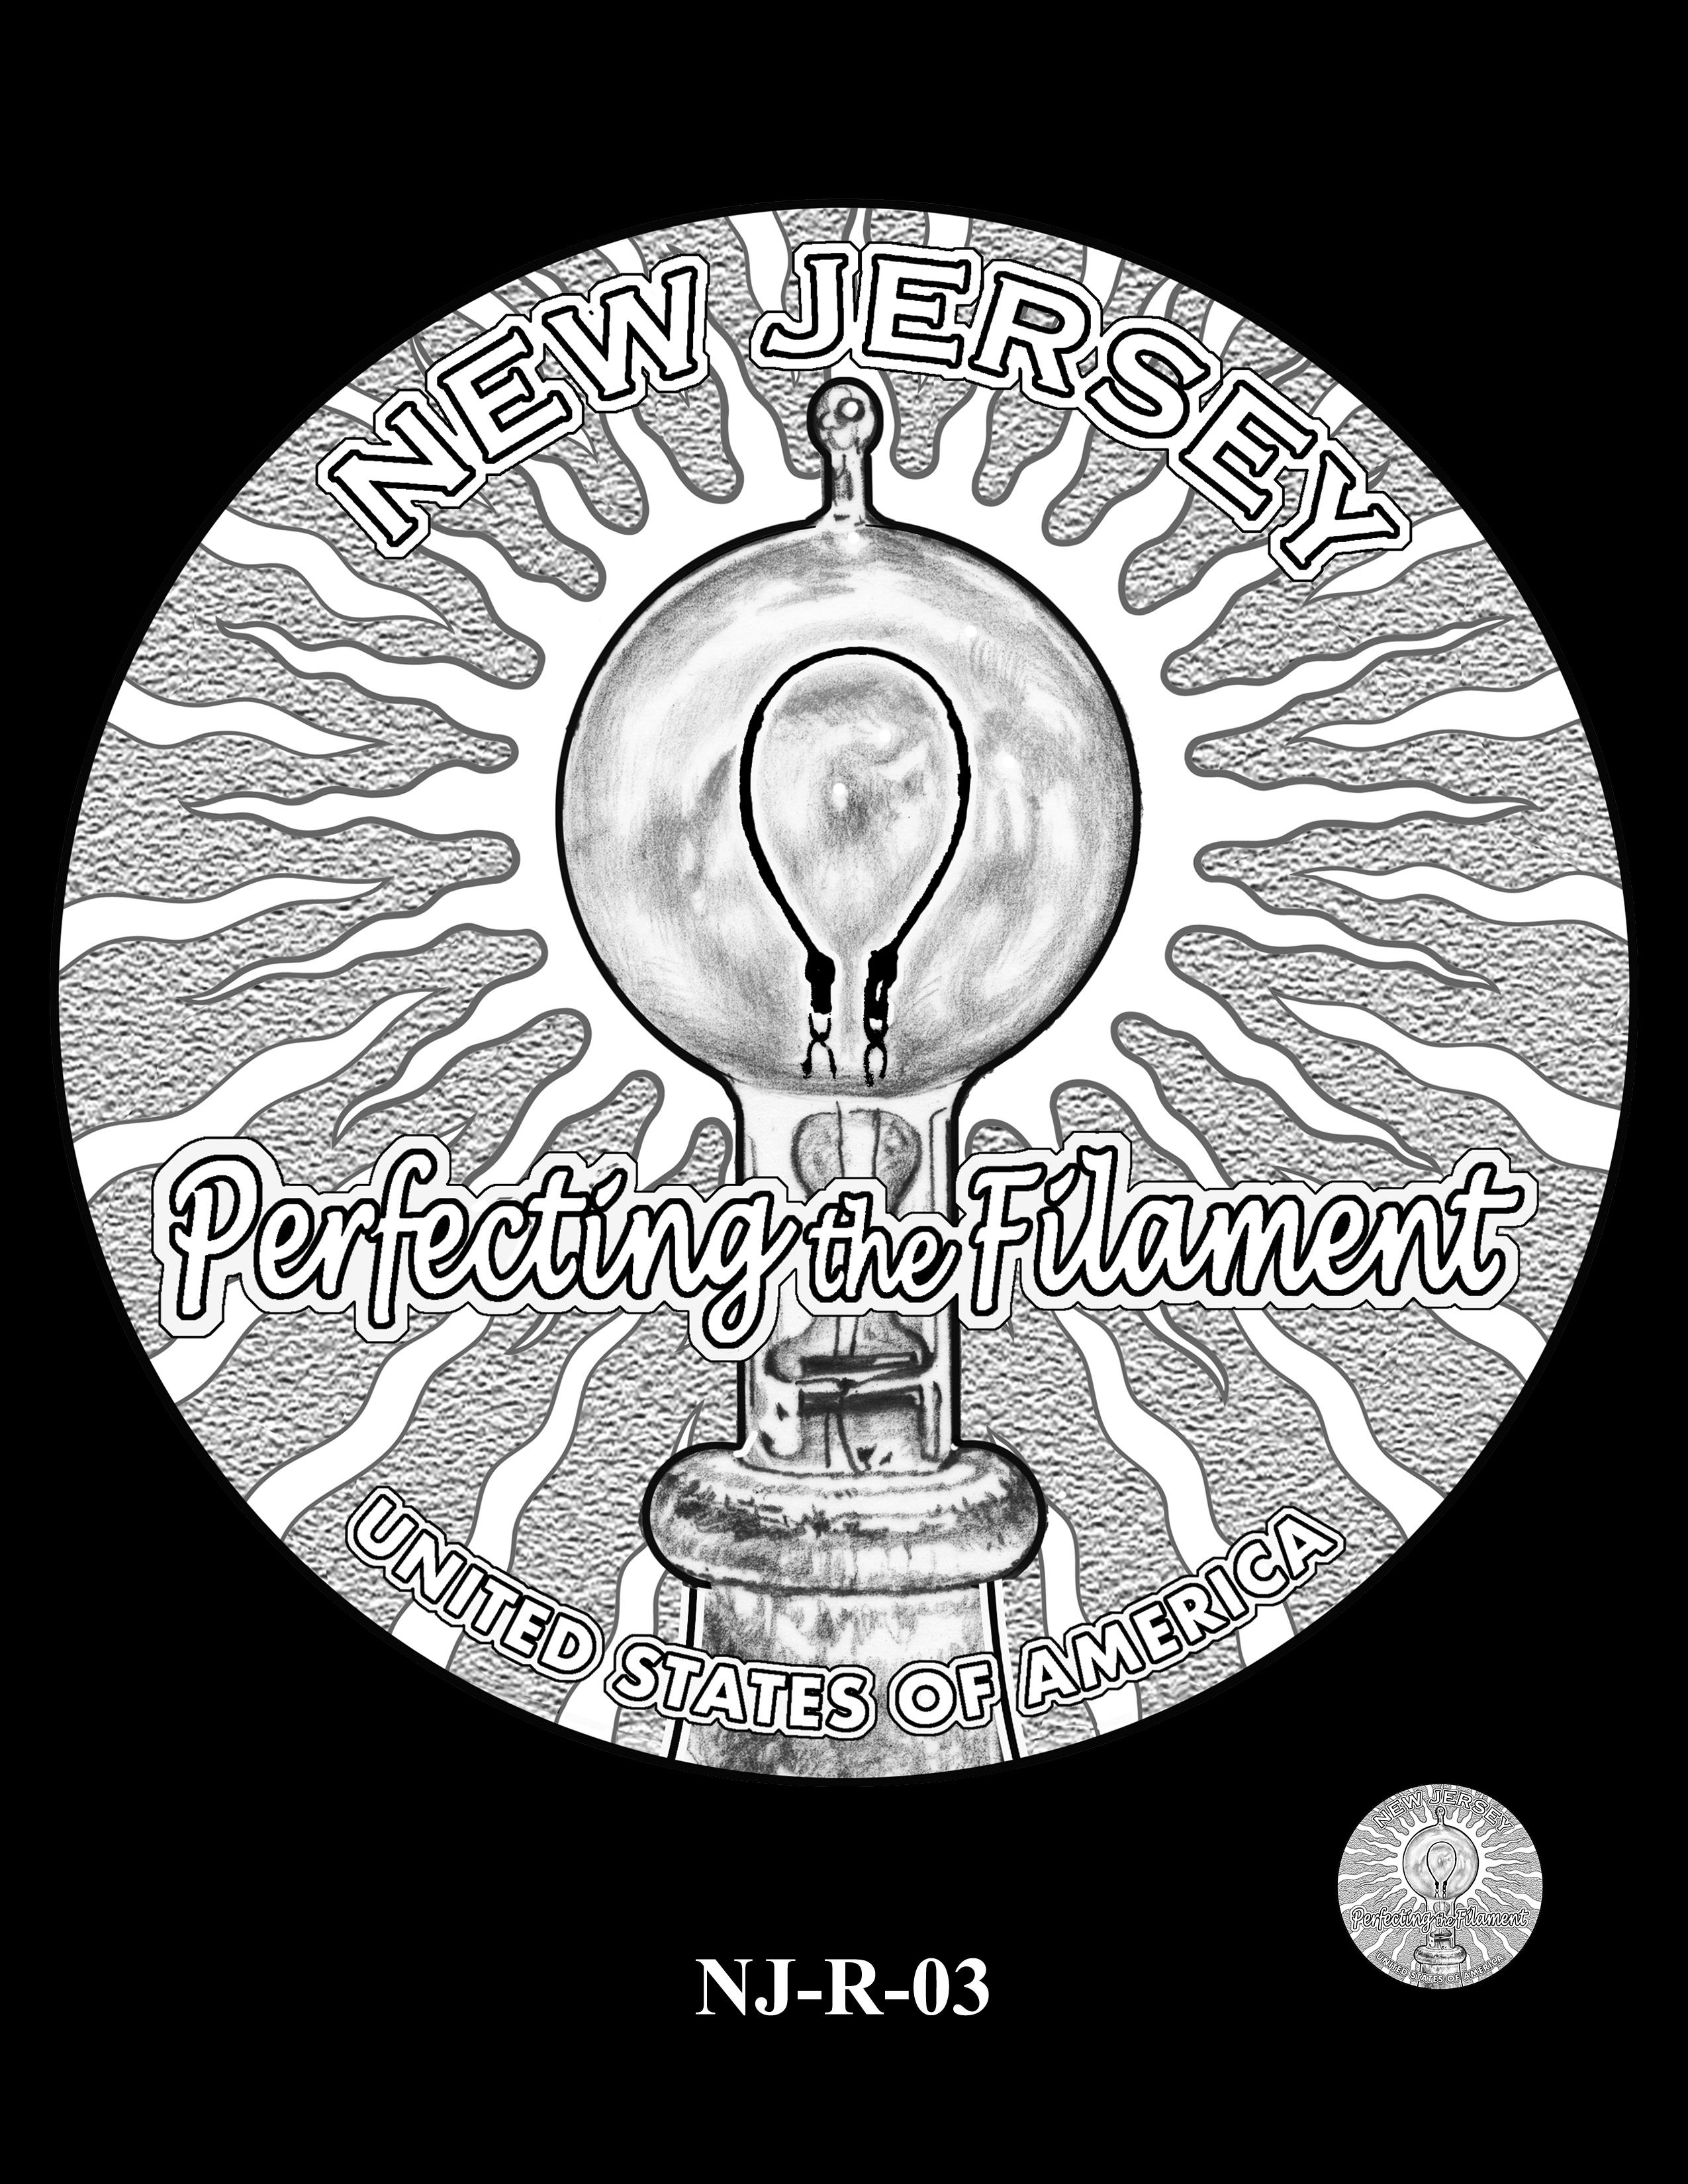 NJ-R-03 -- 2019 American Innovation $1 Coin Program